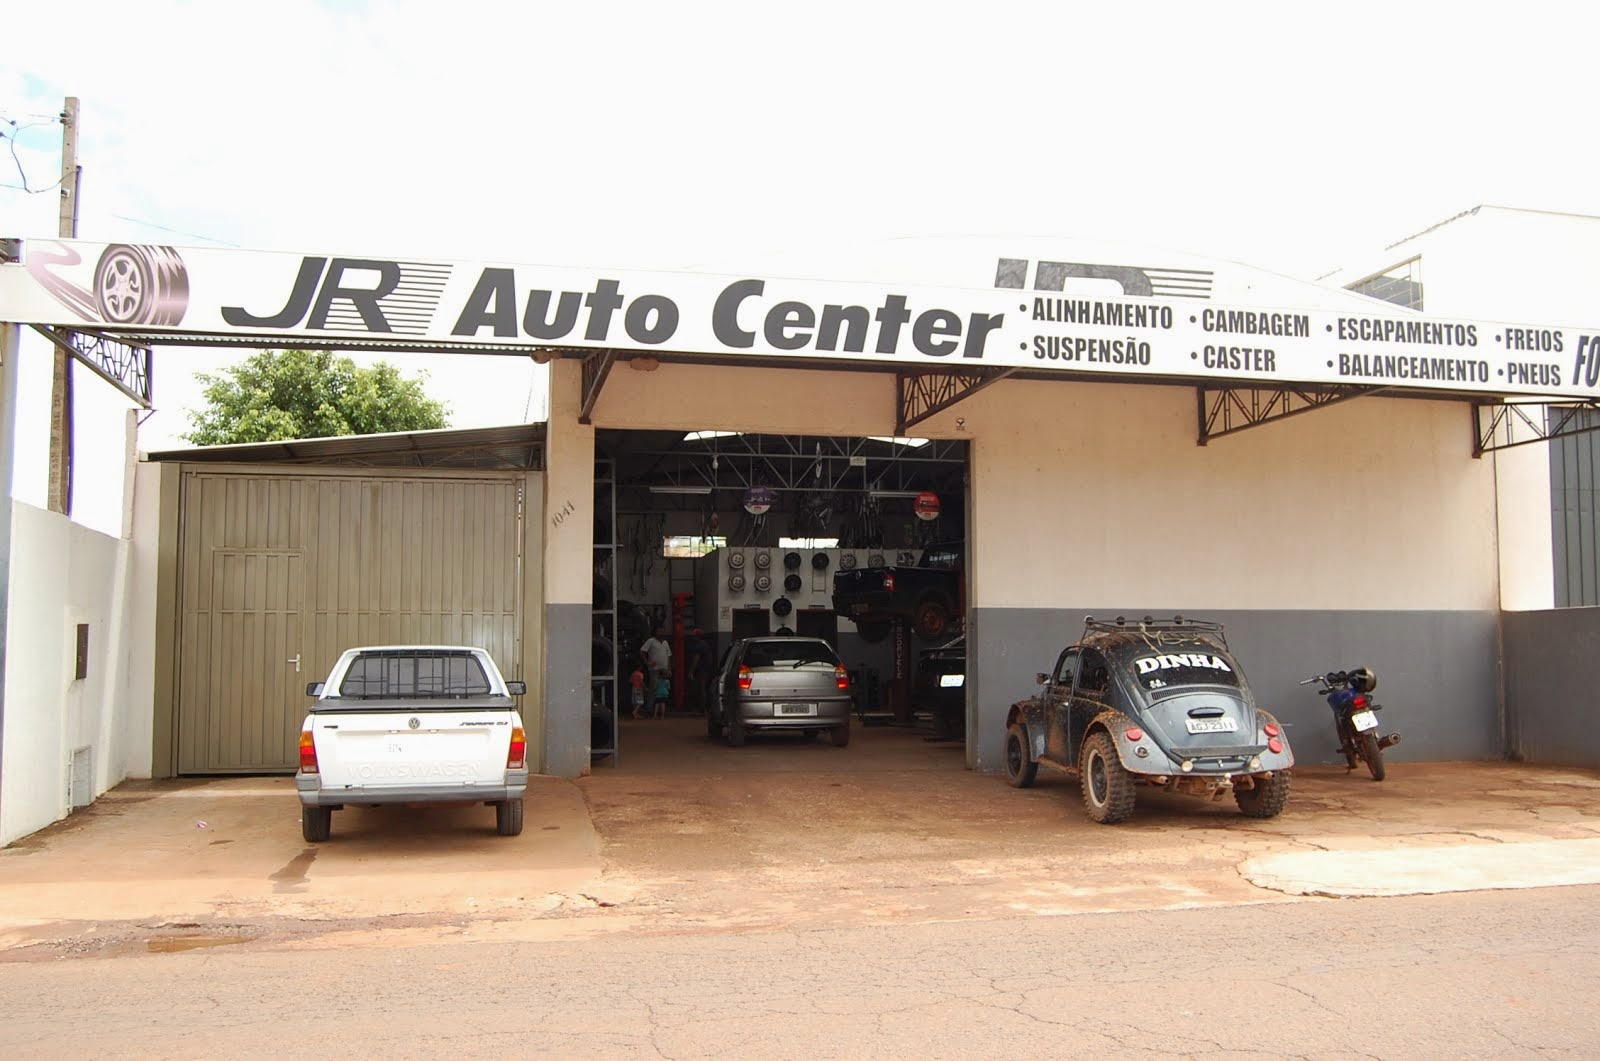 JR AUTO CENTER